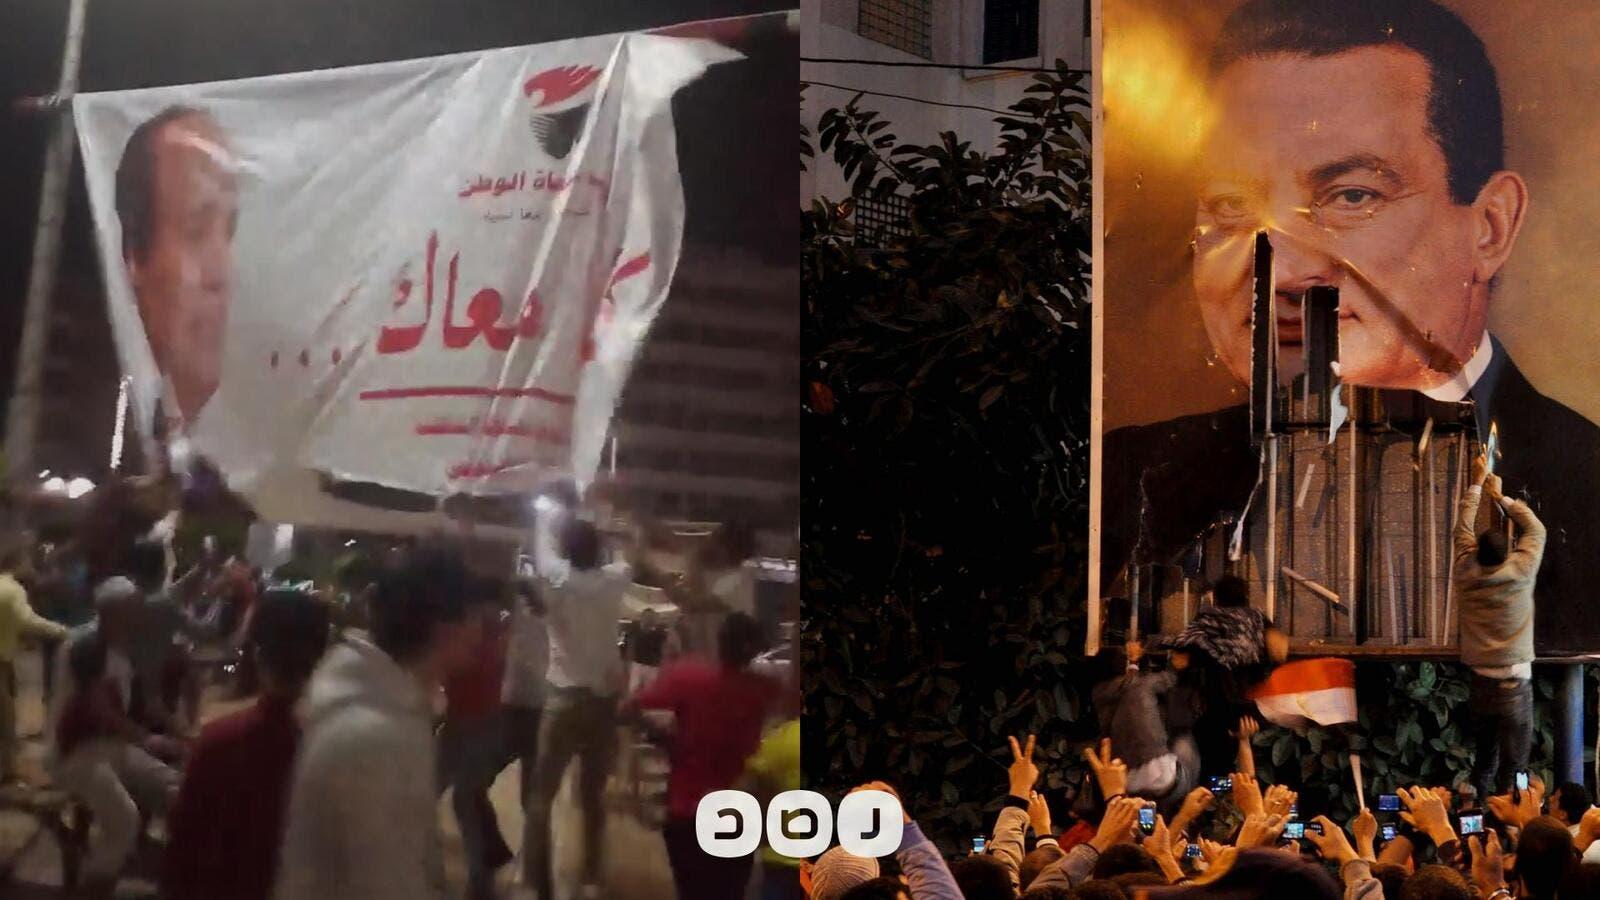 الامن يطلق النار والغاز المسيل للدموع: مظاهرات ليلية ضد حكم السيسي